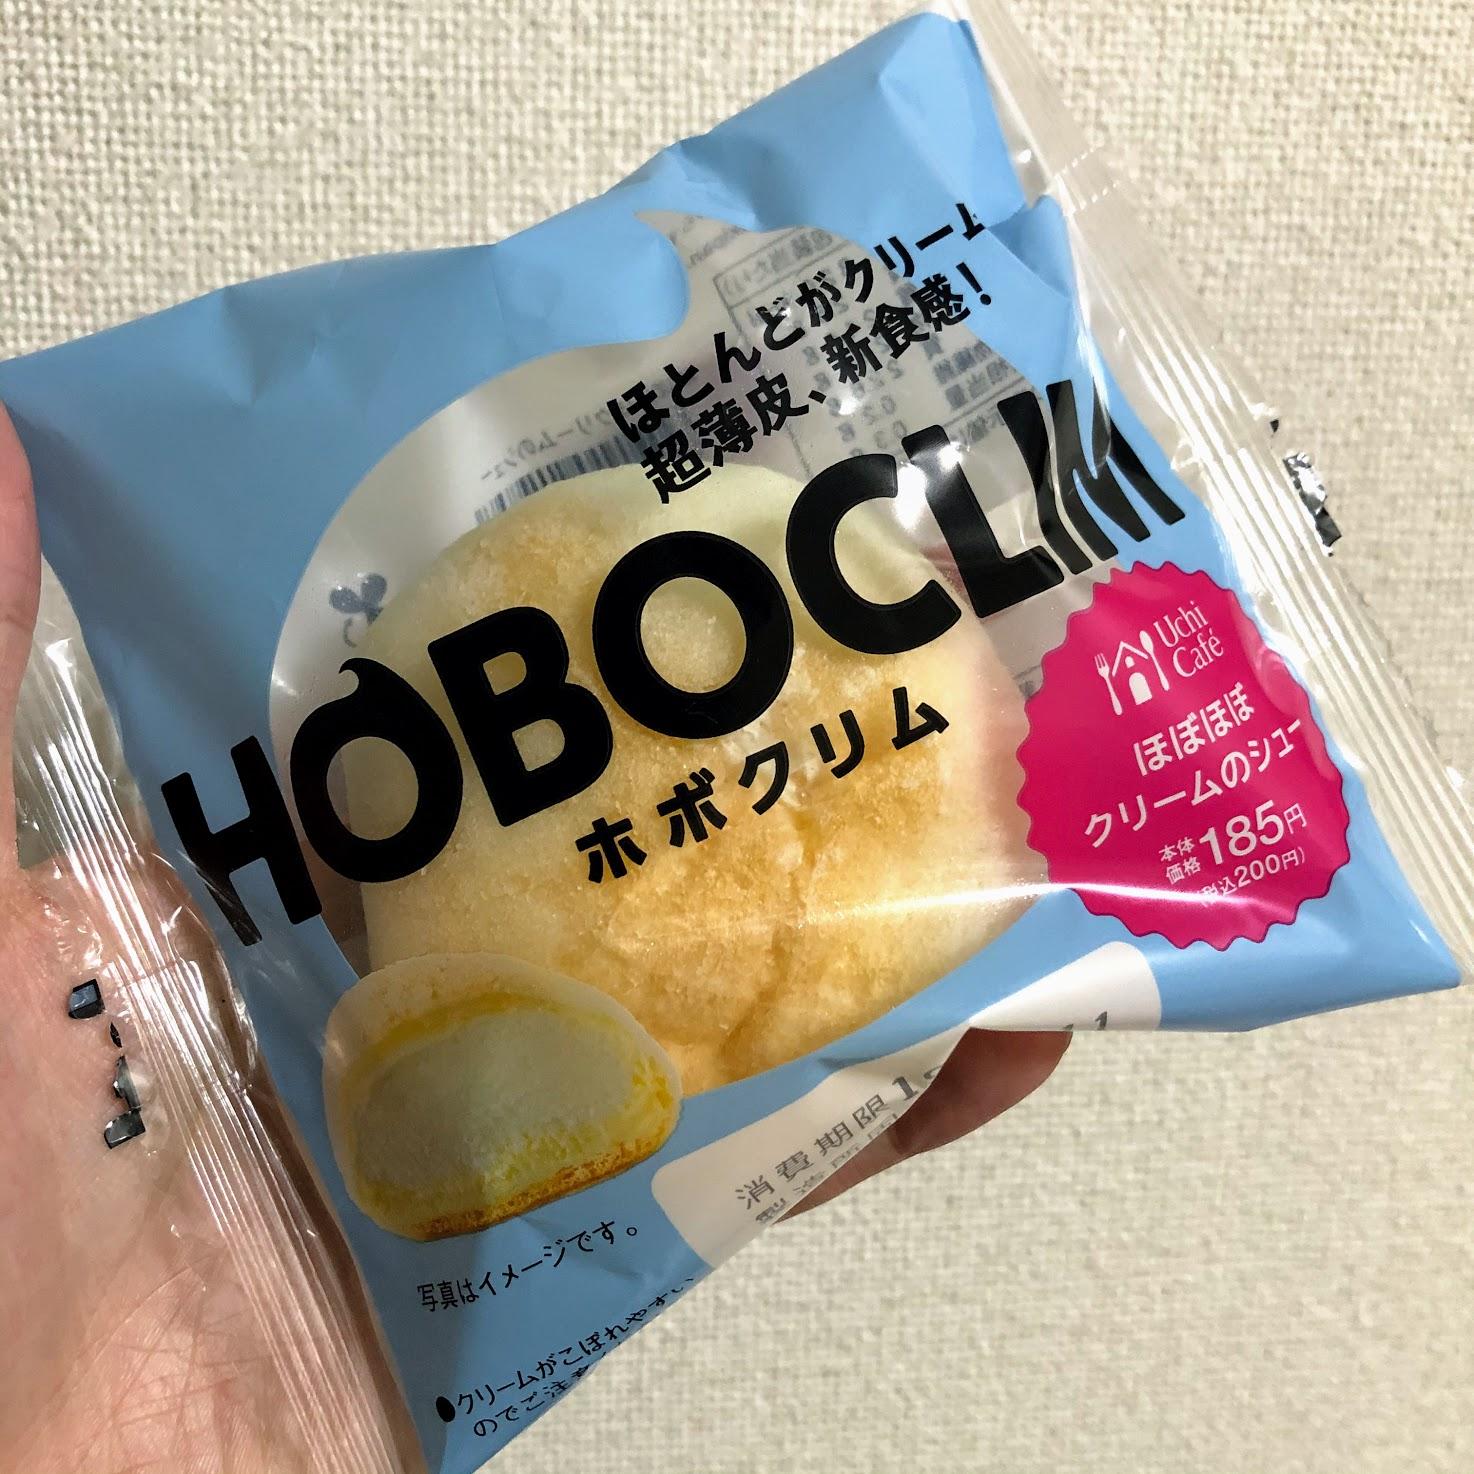 ホボクリム パッケージ